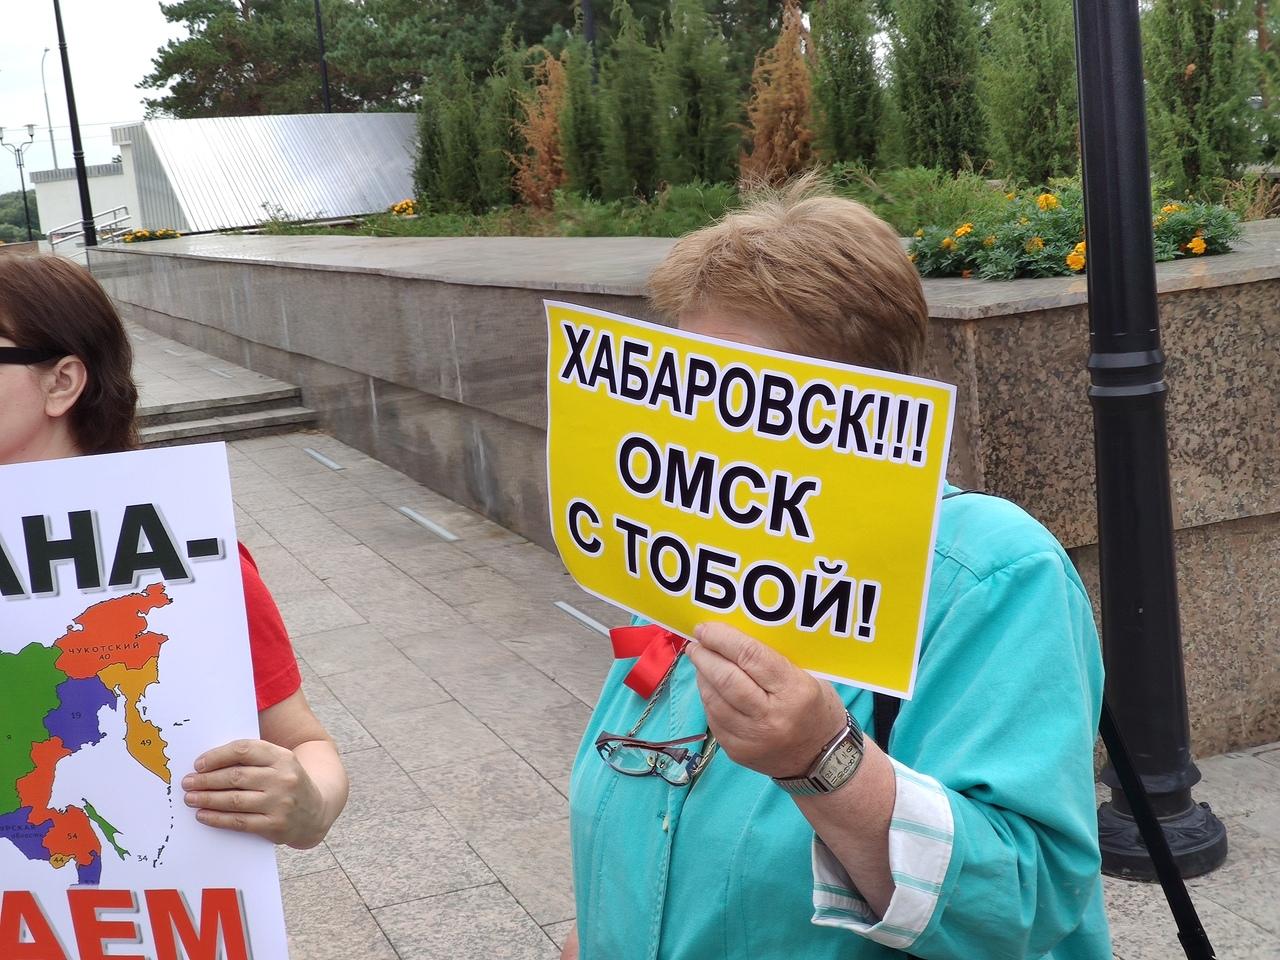 В Омске прошли сразу 3 акции в поддержку Фургала #Омск #Общество #Сегодня